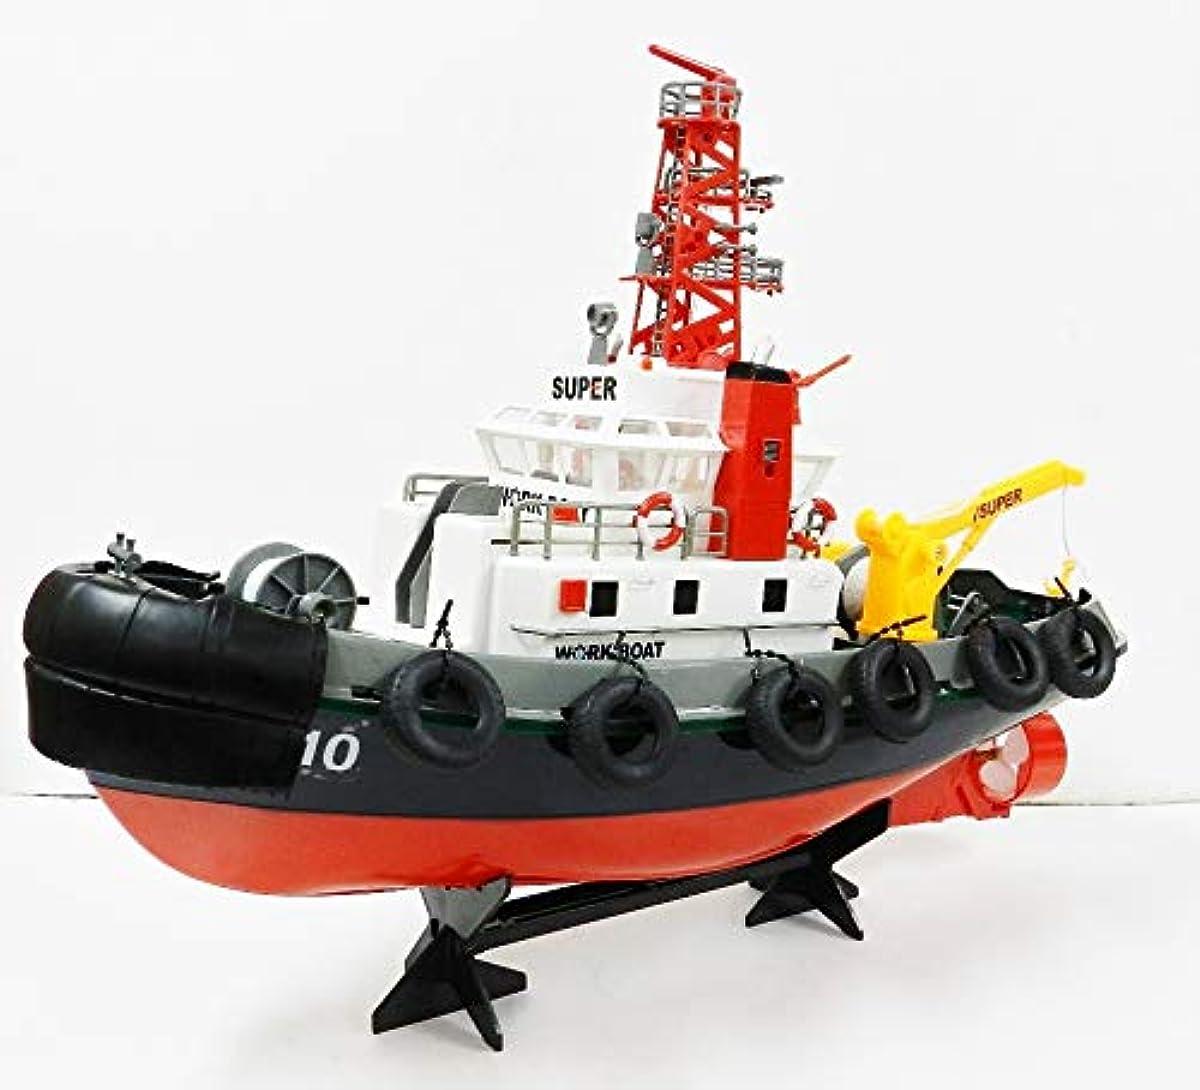 [해외] 【페인티드】 2.4GHZ HENG LONG(헨론)제 tugboat 라디오 컨트롤 ☆방수 가능 ☆항만 작업선 라디오 컨트롤